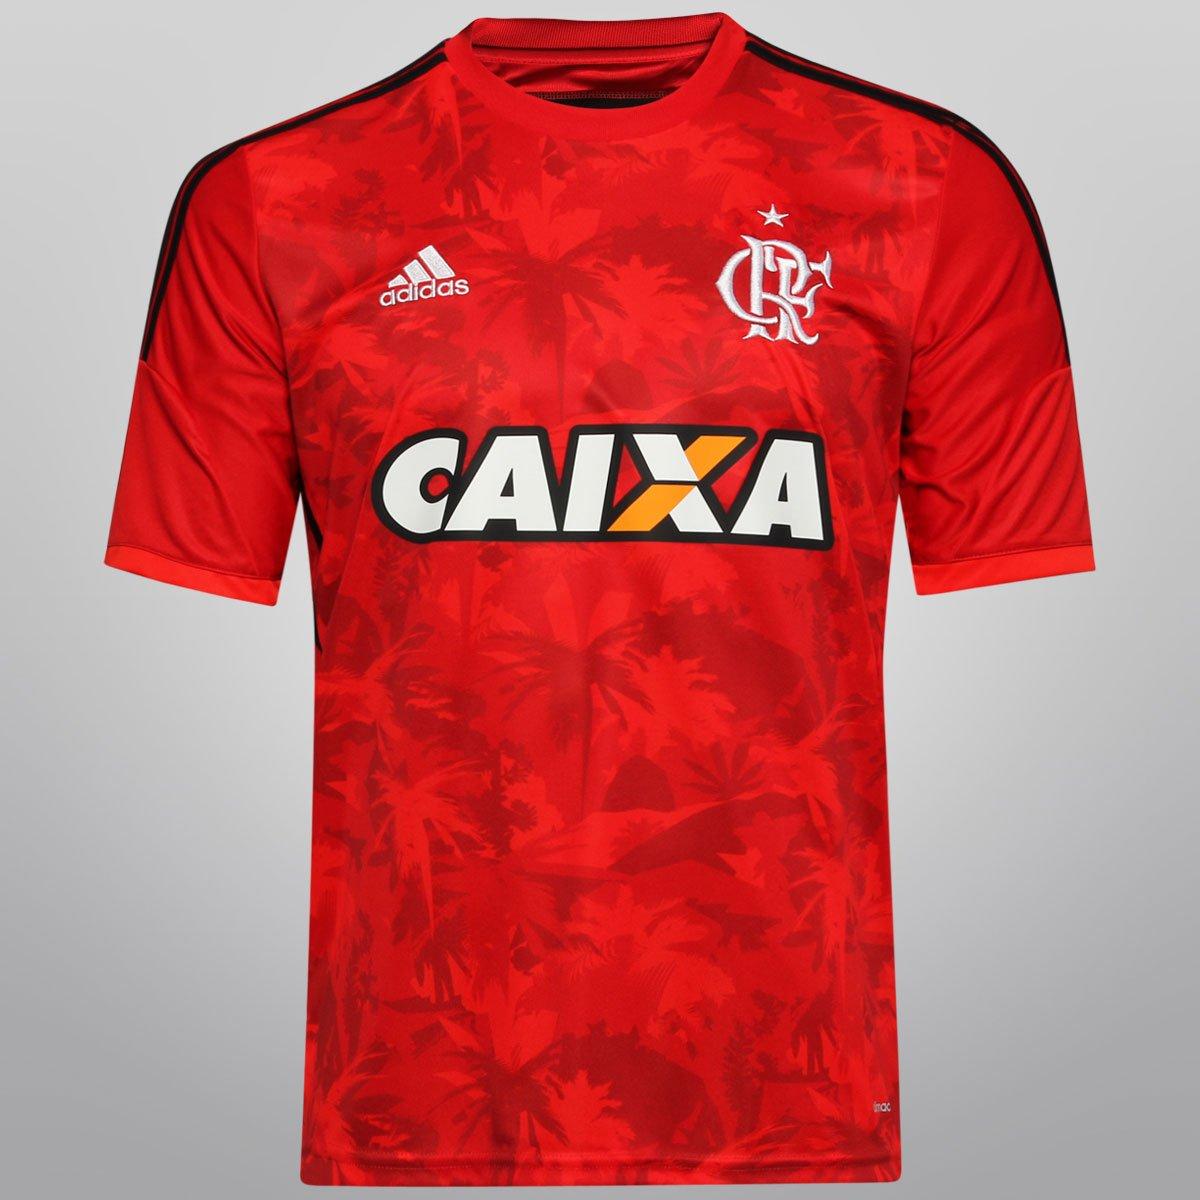 Camisa Adidas Flamengo III 14 15 s nº - Compre Agora  c13bdd5d0930a